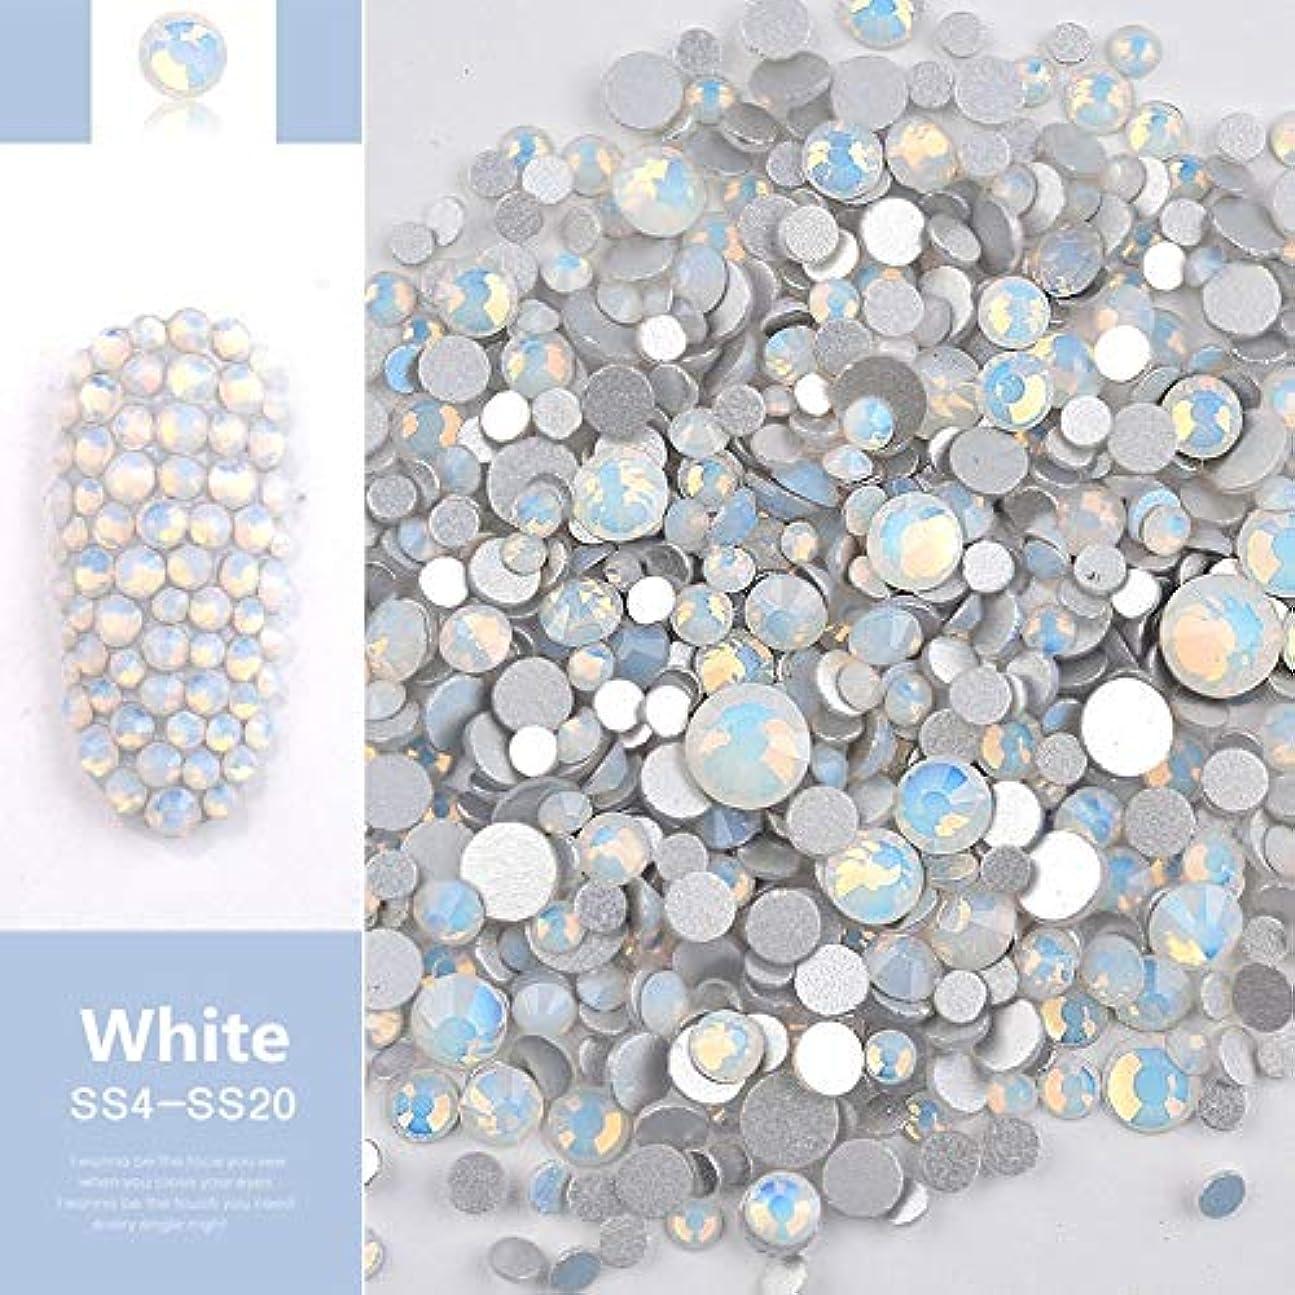 インタフェース暗黙革命的Tianmey ビーズ樹脂クリスタルラウンドネイルアートミックスフラットバックアクリルラインストーンミックスサイズ1.5-4.5 mm装飾用ネイル (Color : White)